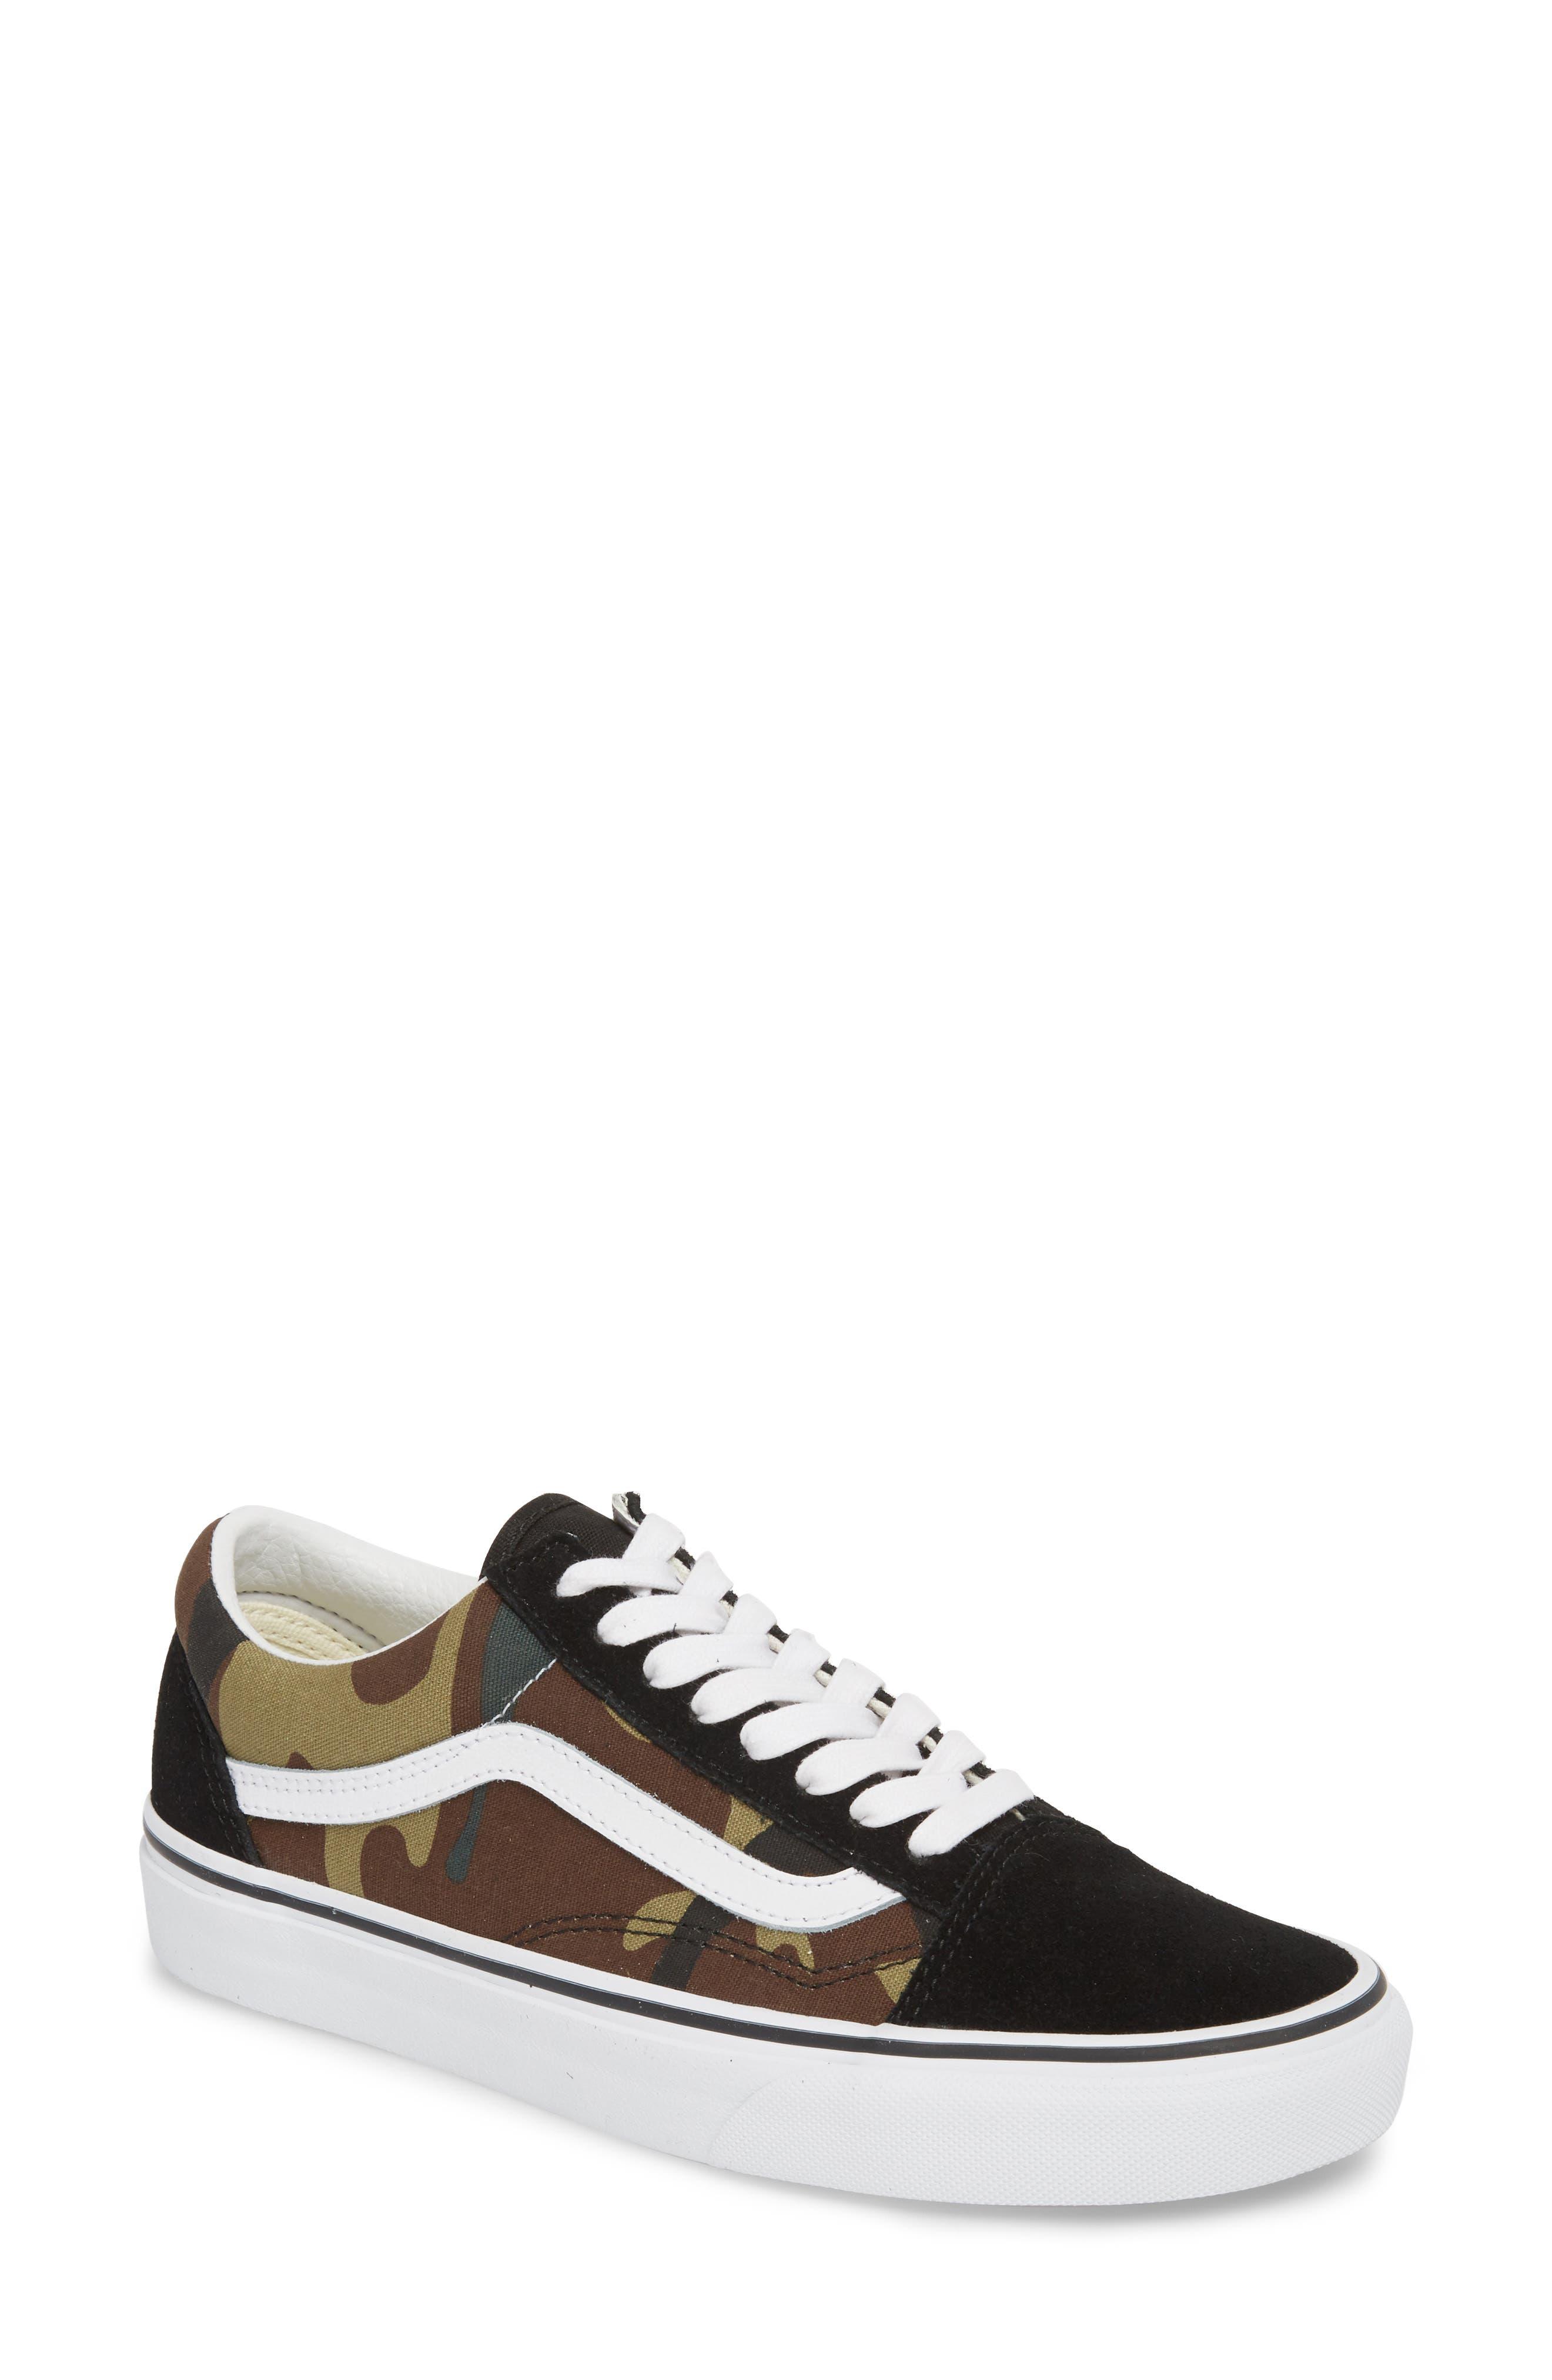 Women's Vans Shoes Sale | Nordstrom